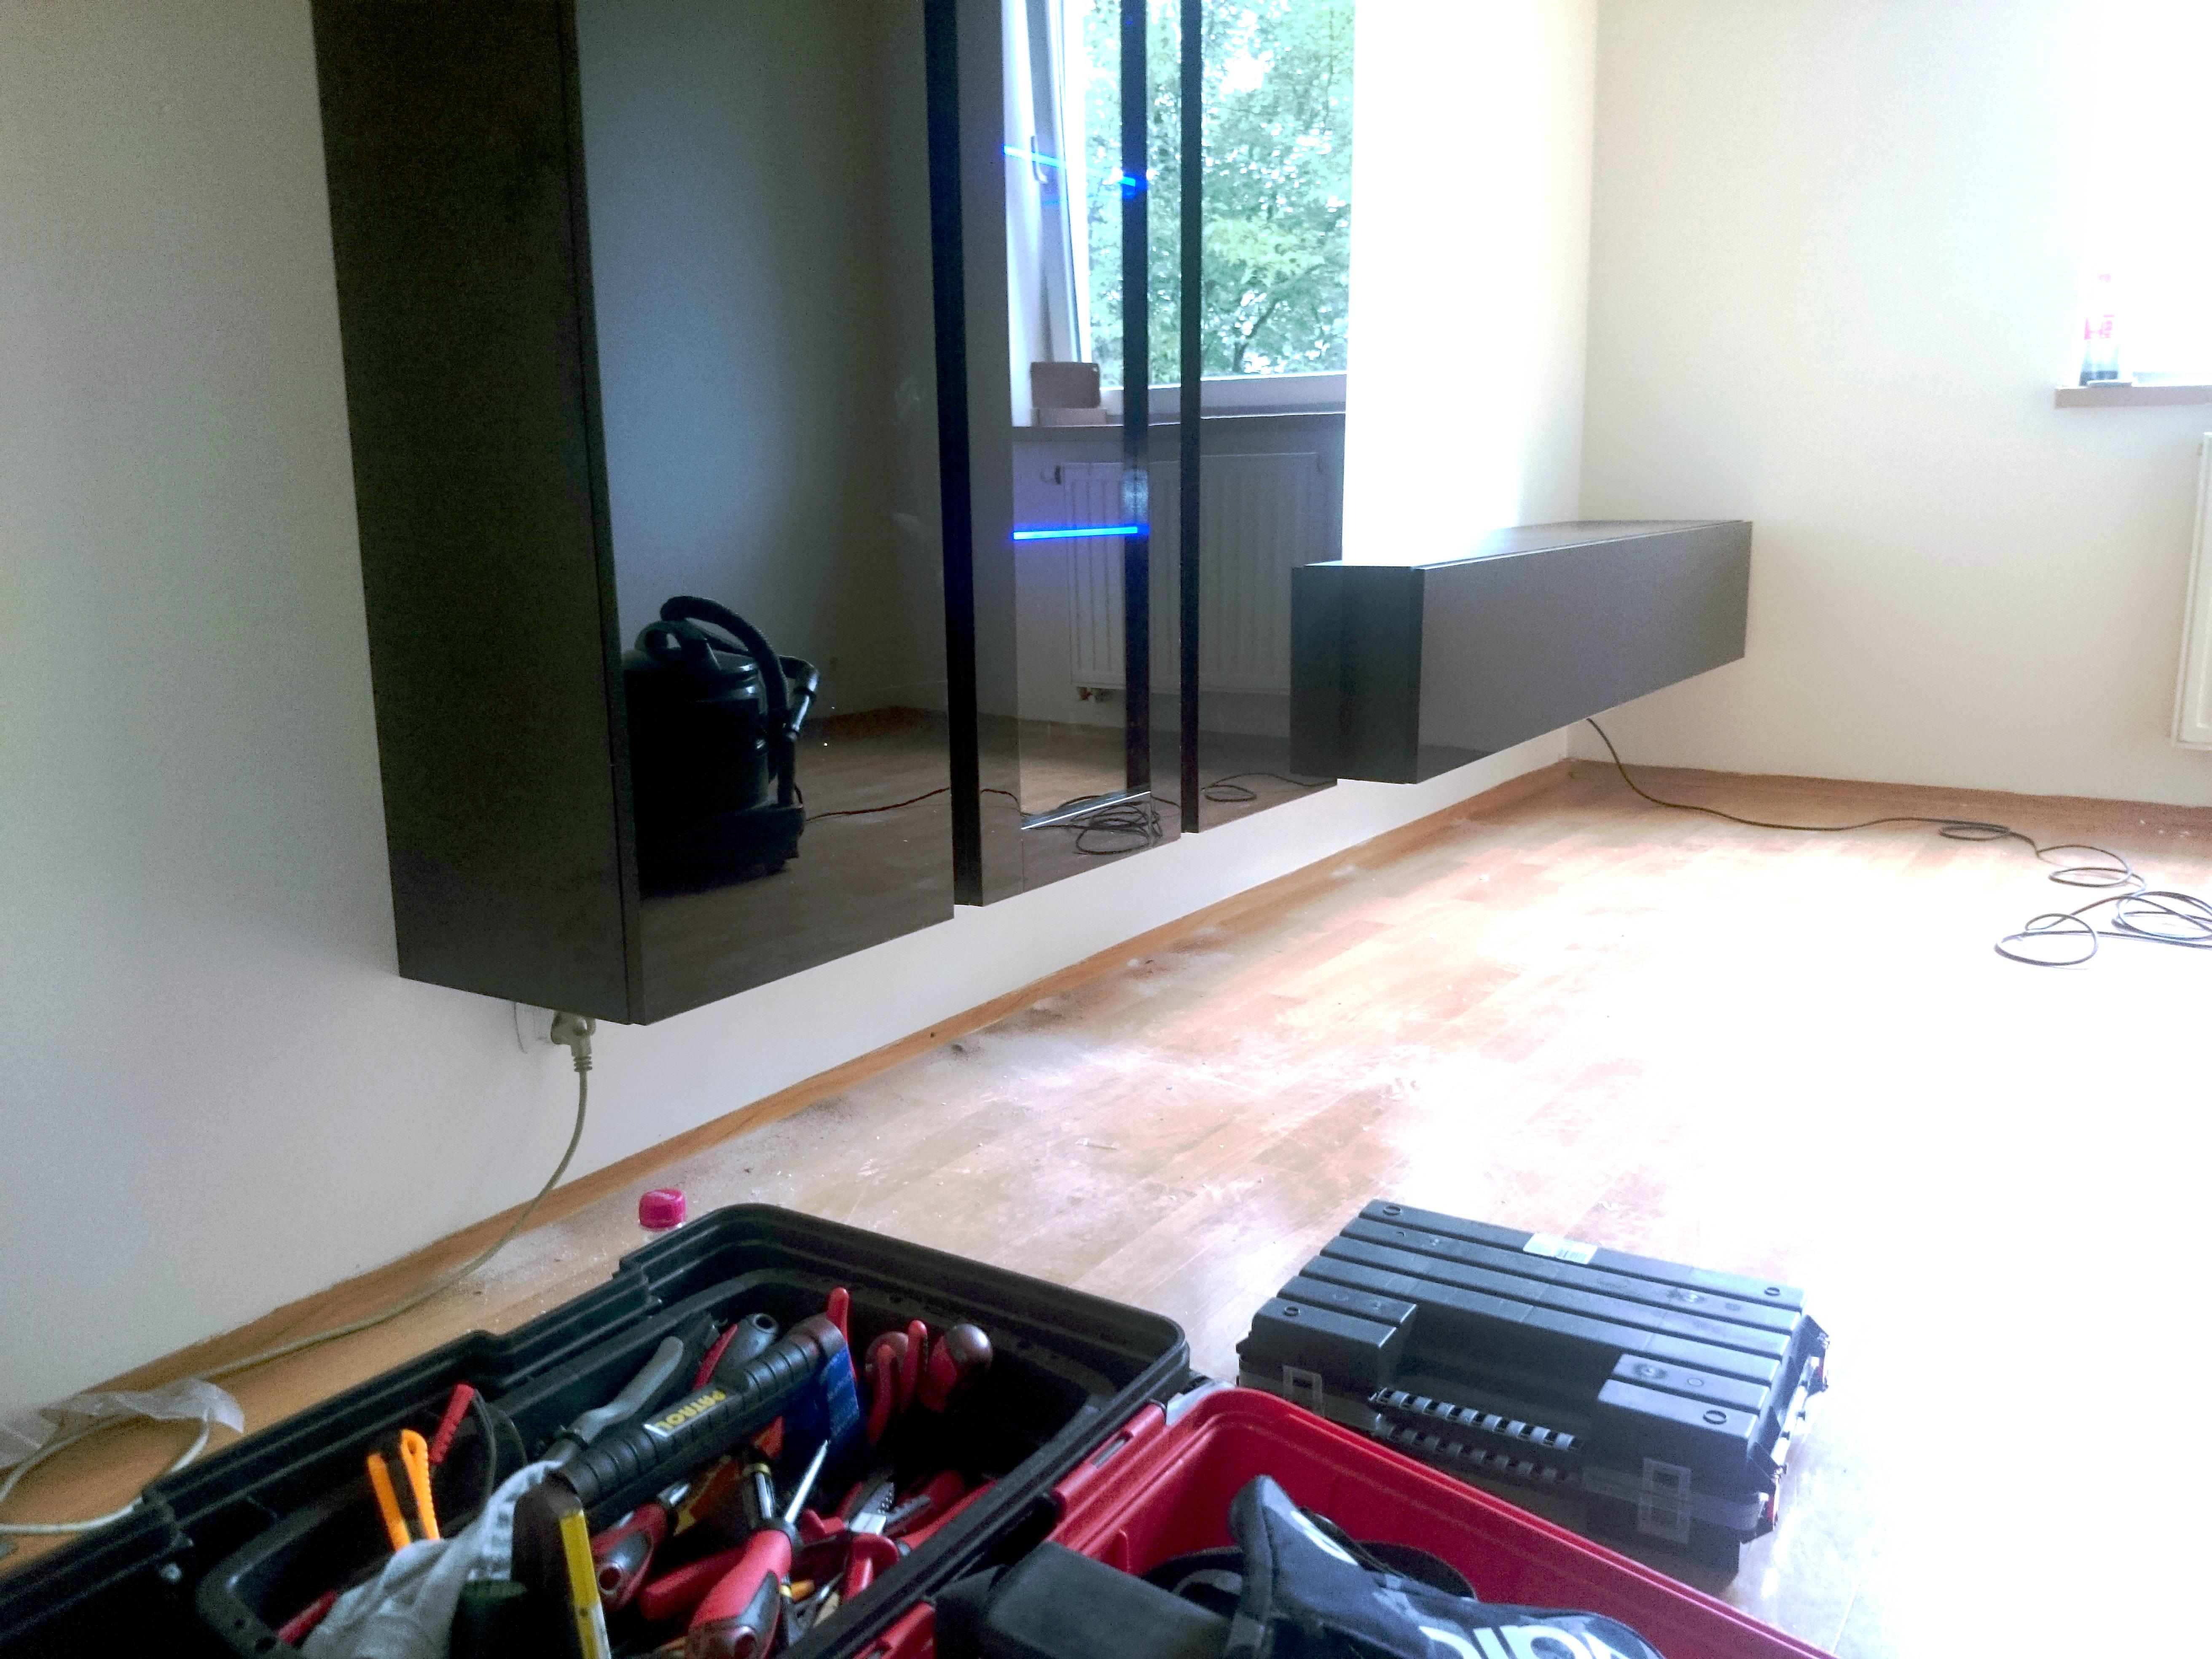 Stolik pod telewizor z witryną mocowany do ściany (wiszący)